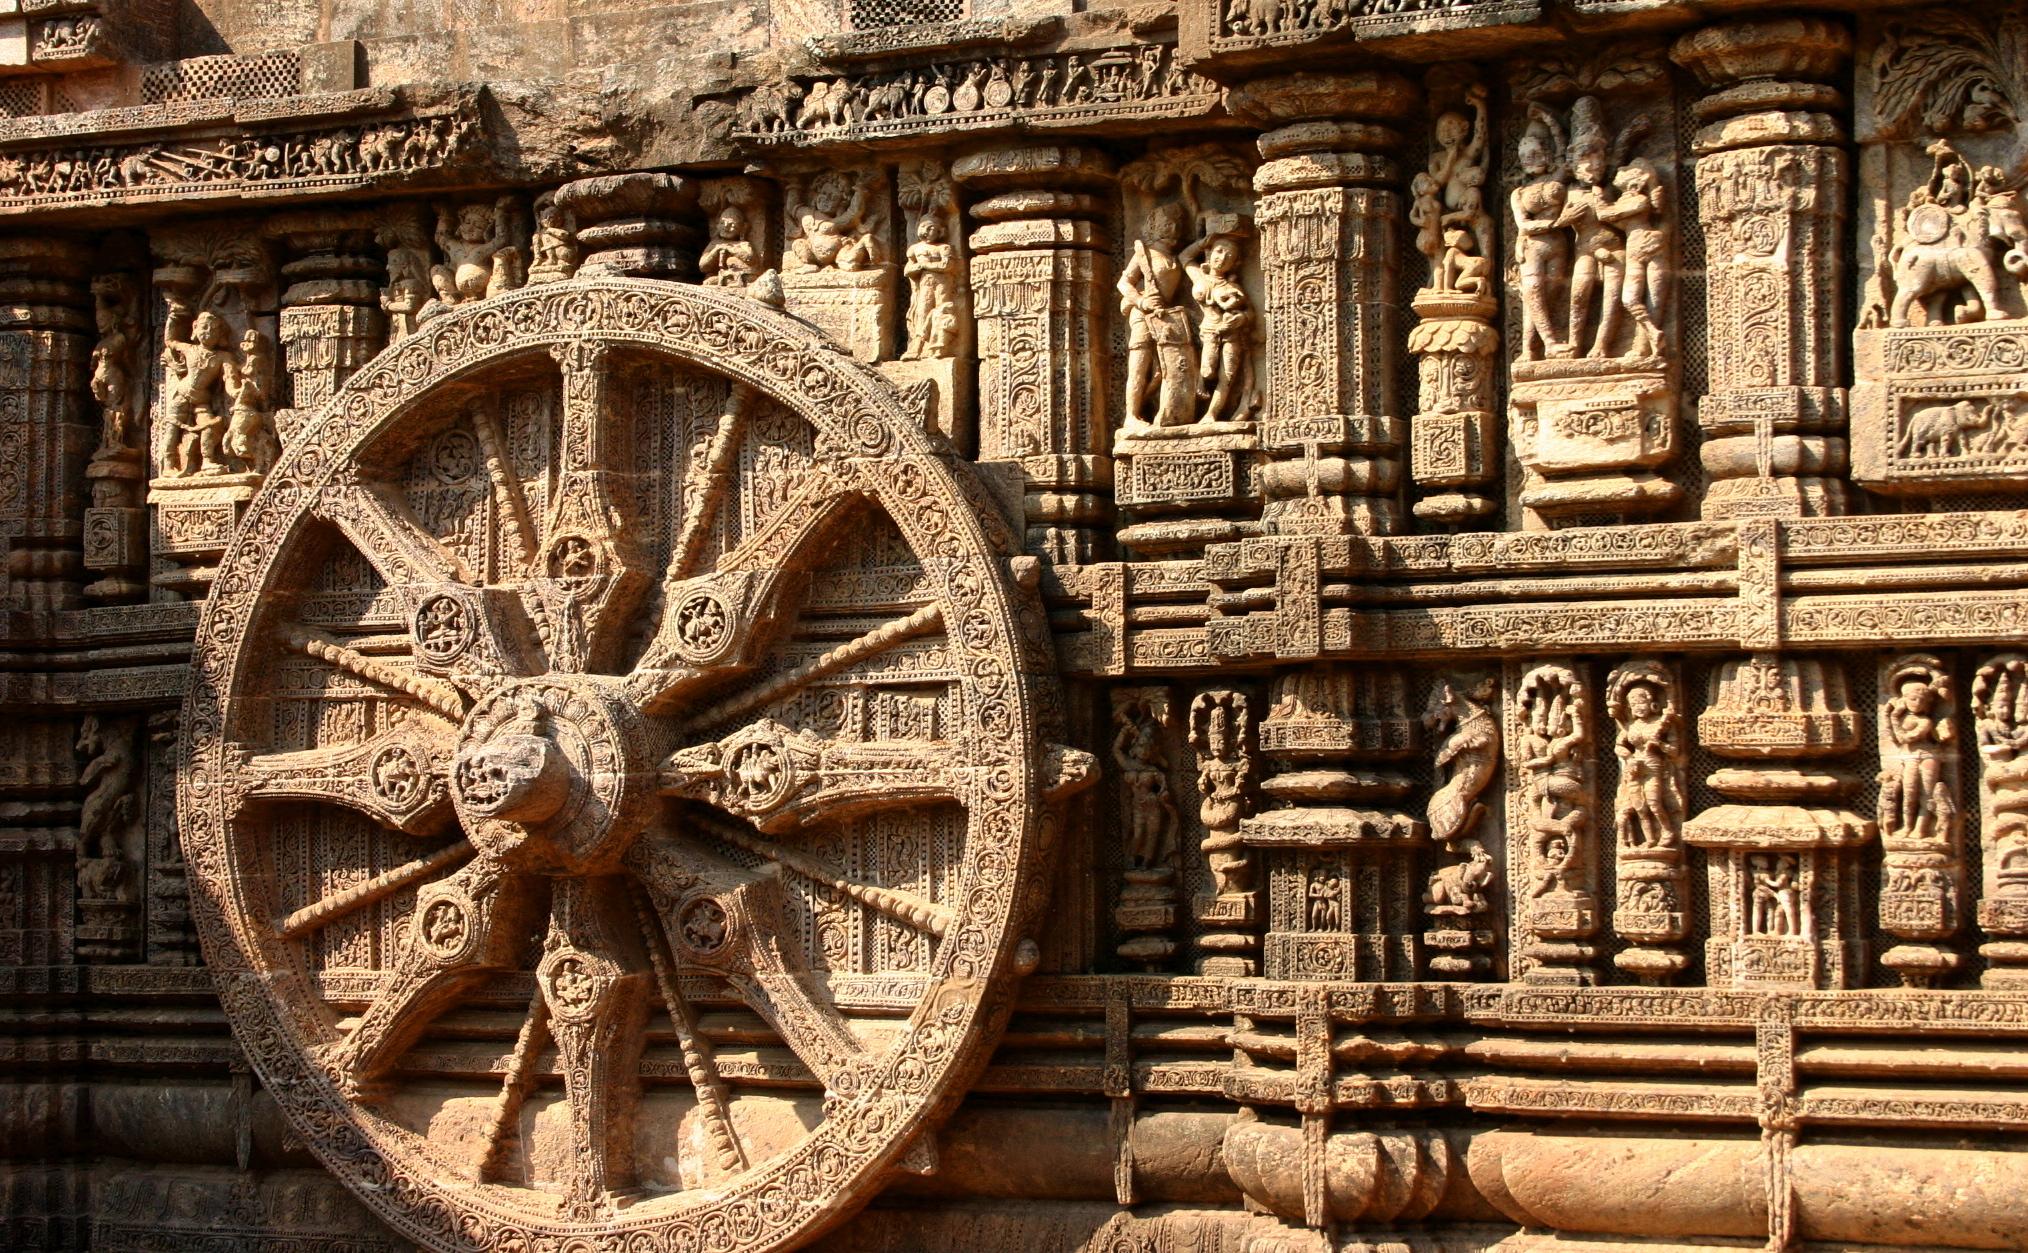 インド旅行記2:宗教について考えながら